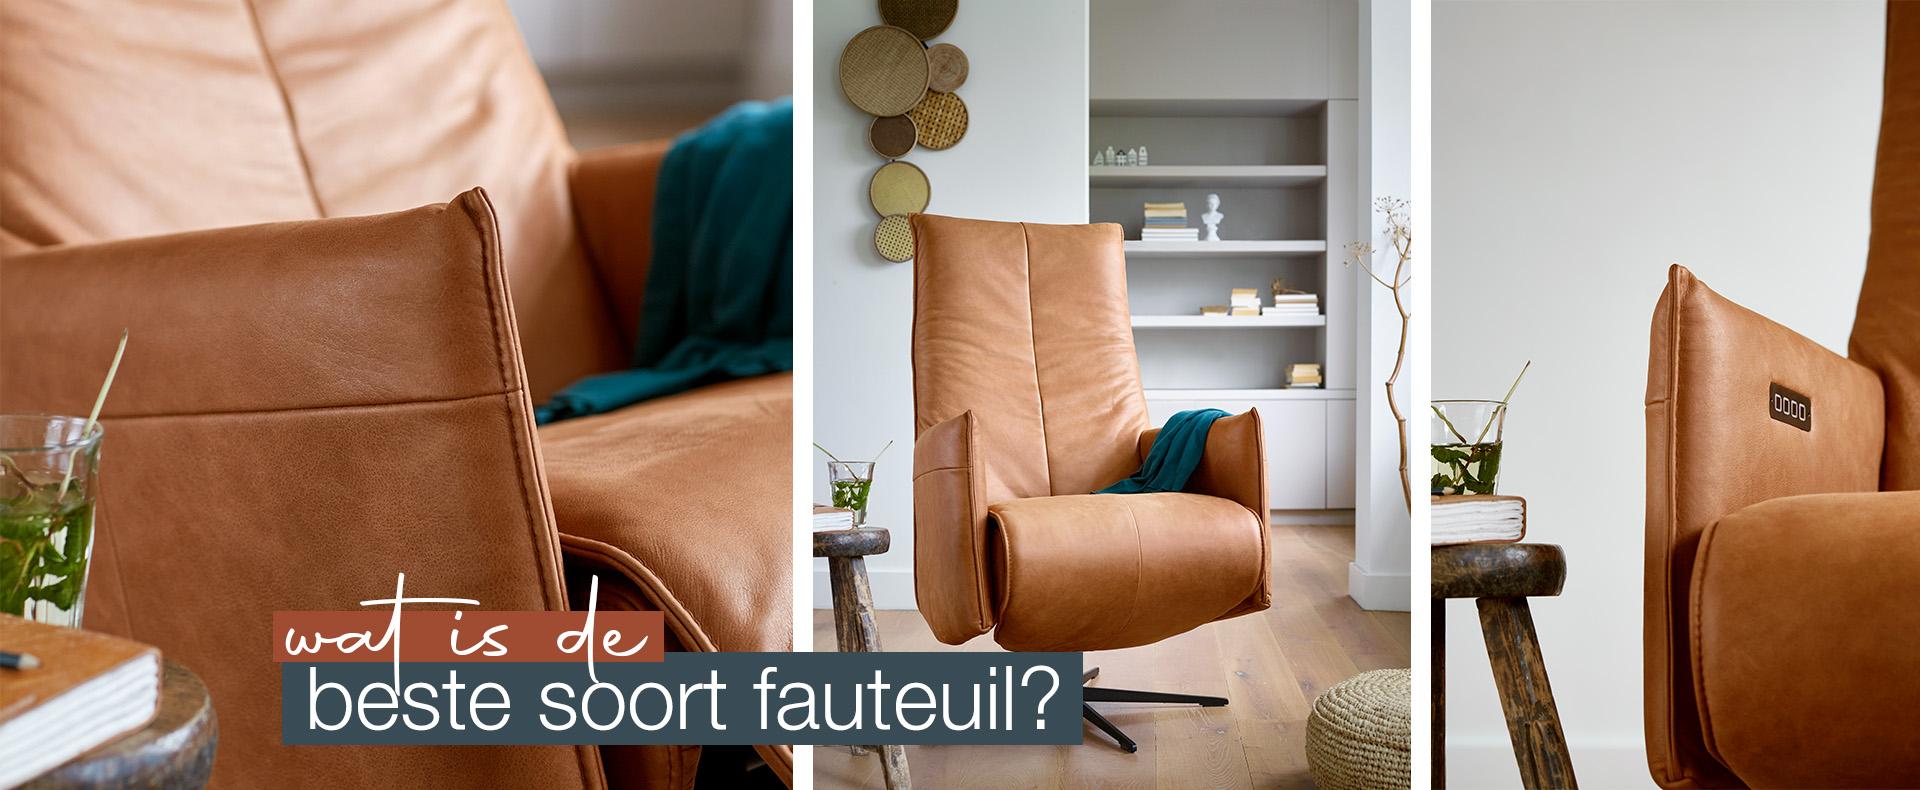 Wat is de beste soort fauteuil?